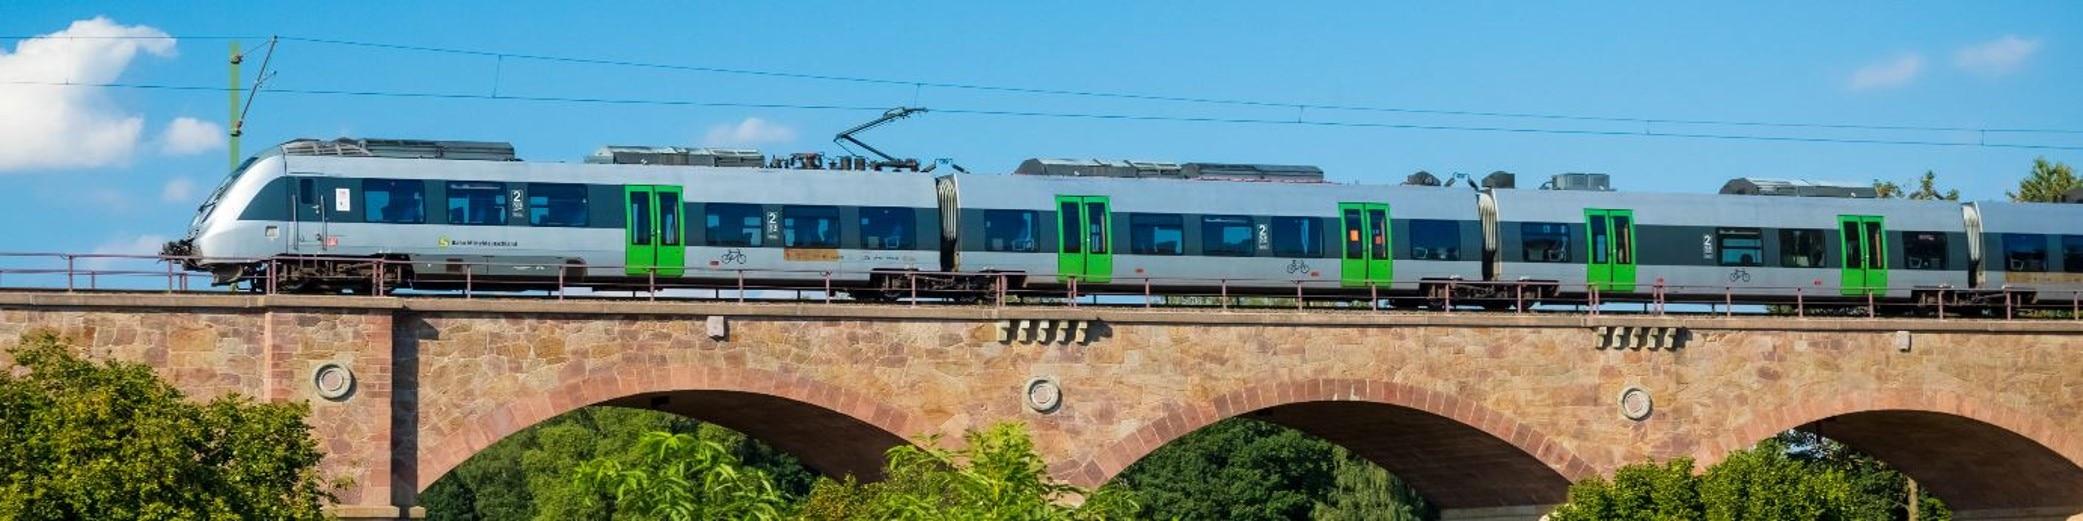 Zug der S-Bahn Mitteldeutschland auf einer Brücke